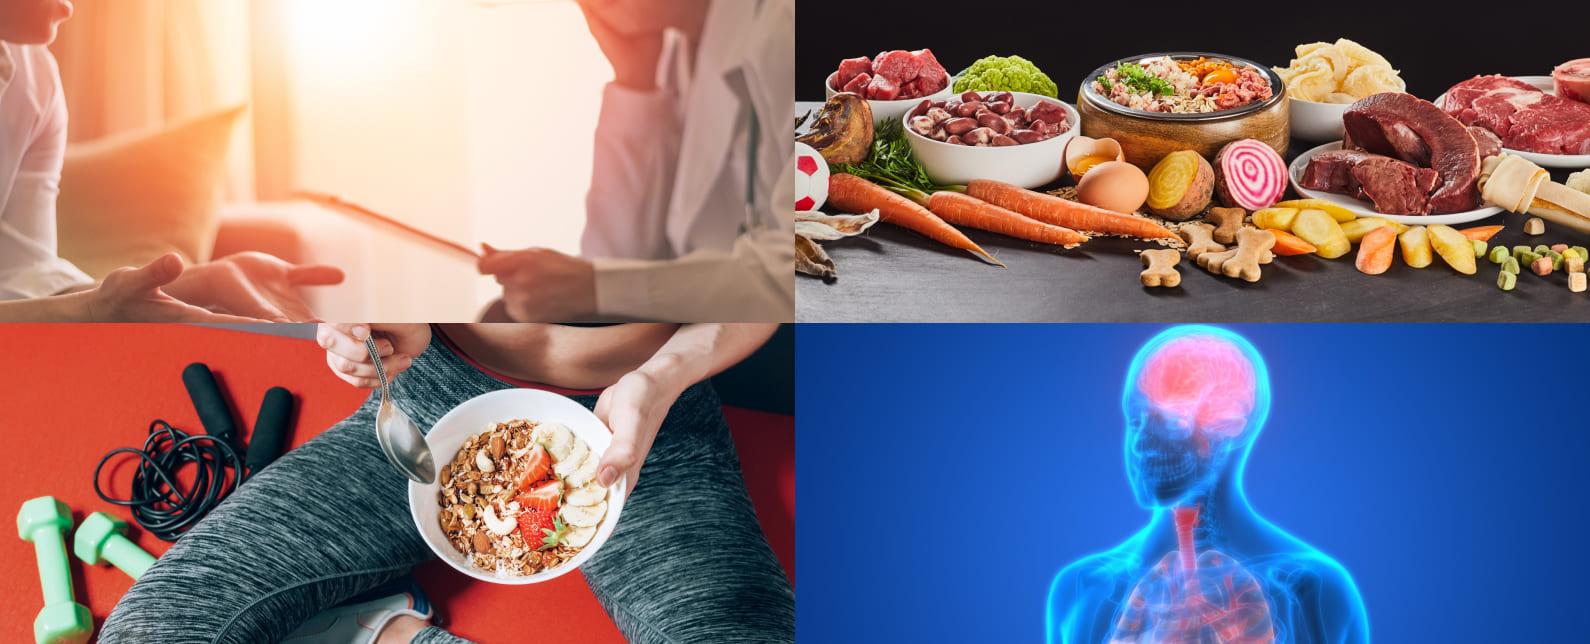 講義イメージ:運動と栄養の統合